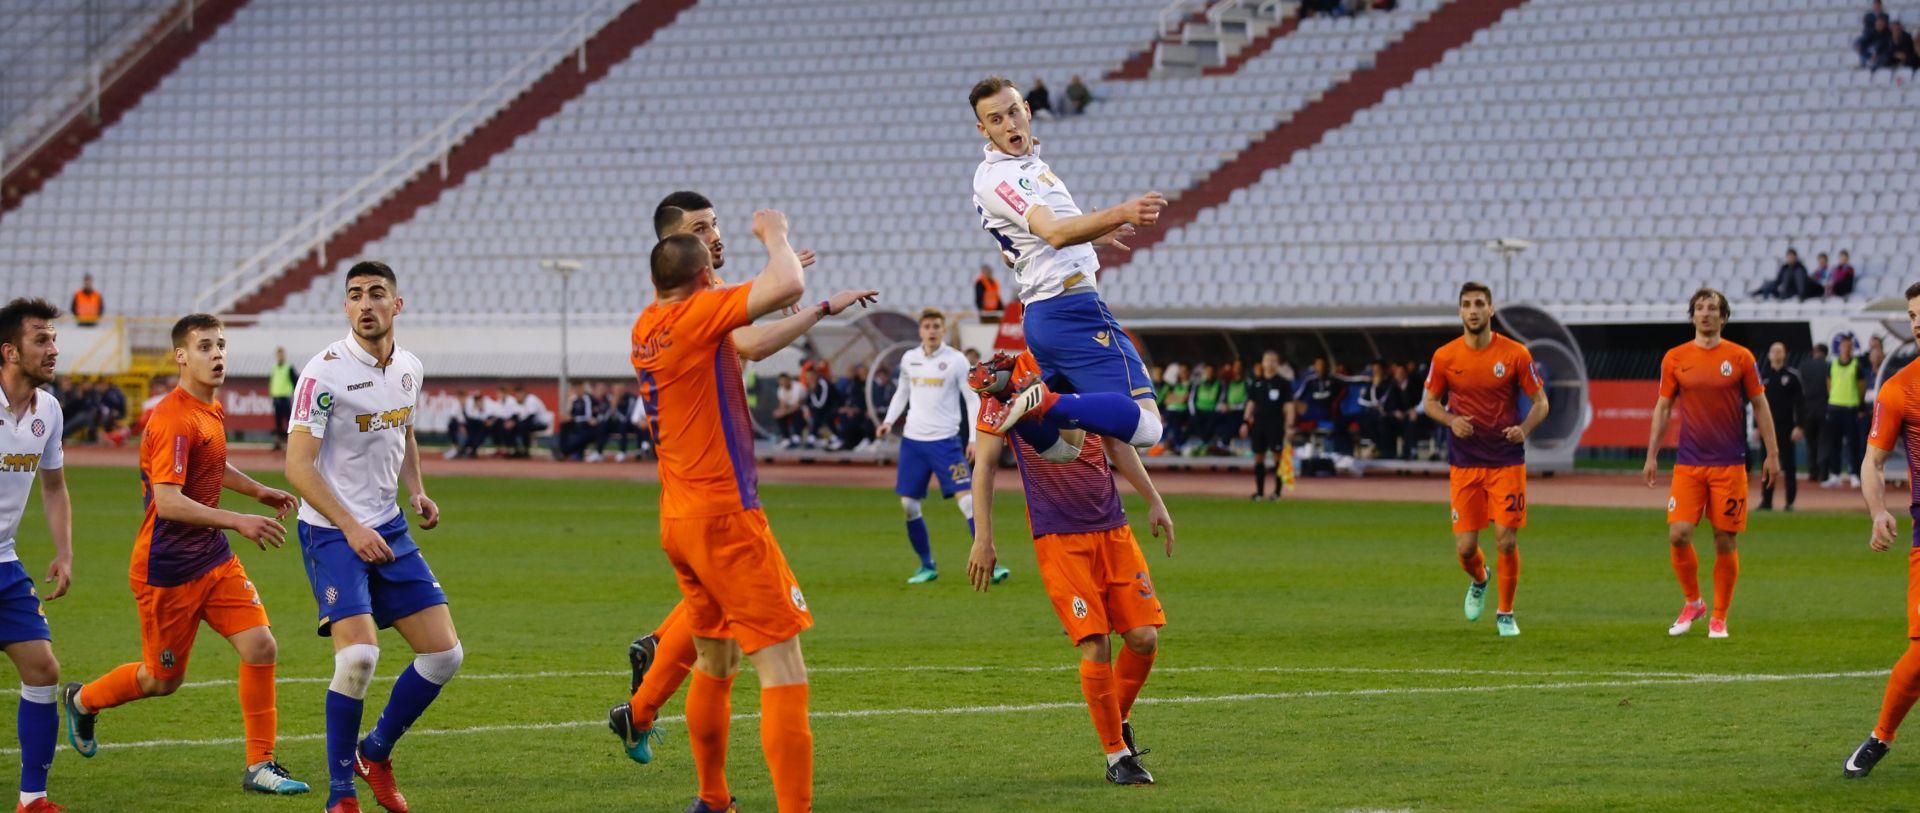 Zbog 'naopake' zastave HNS-a Hajduku kazna od 90 tisuća kuna